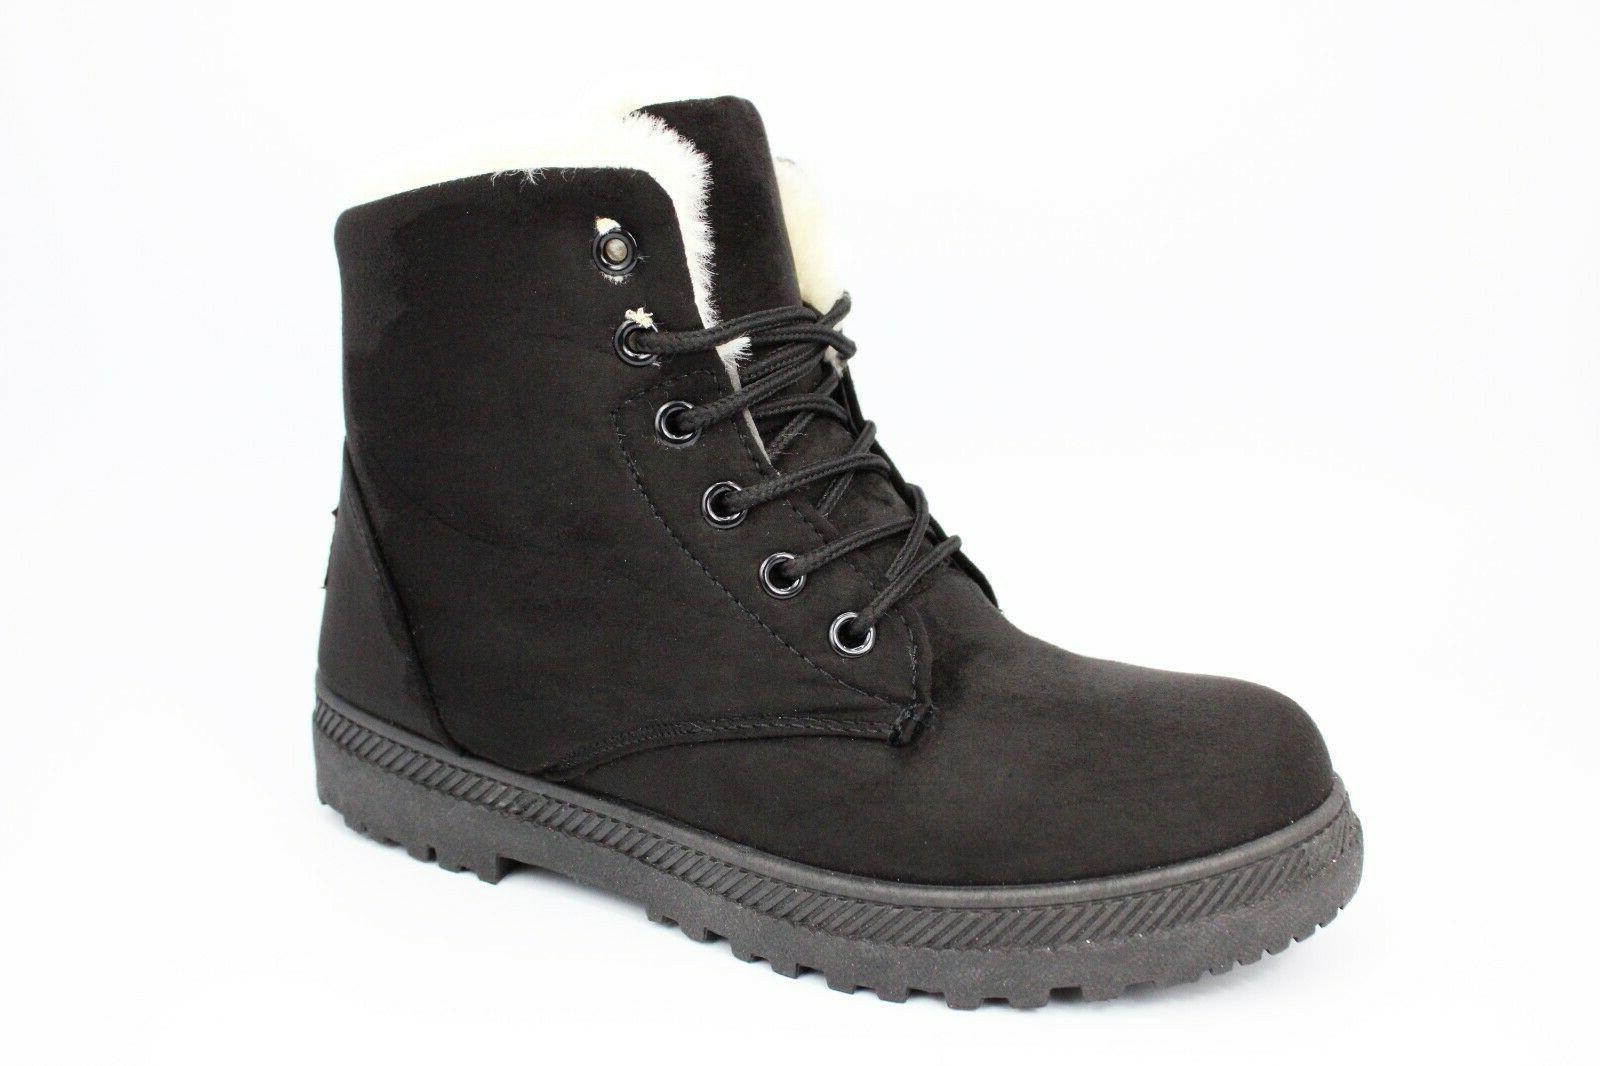 NOT100 Waterproof Boots Comfy Booties,